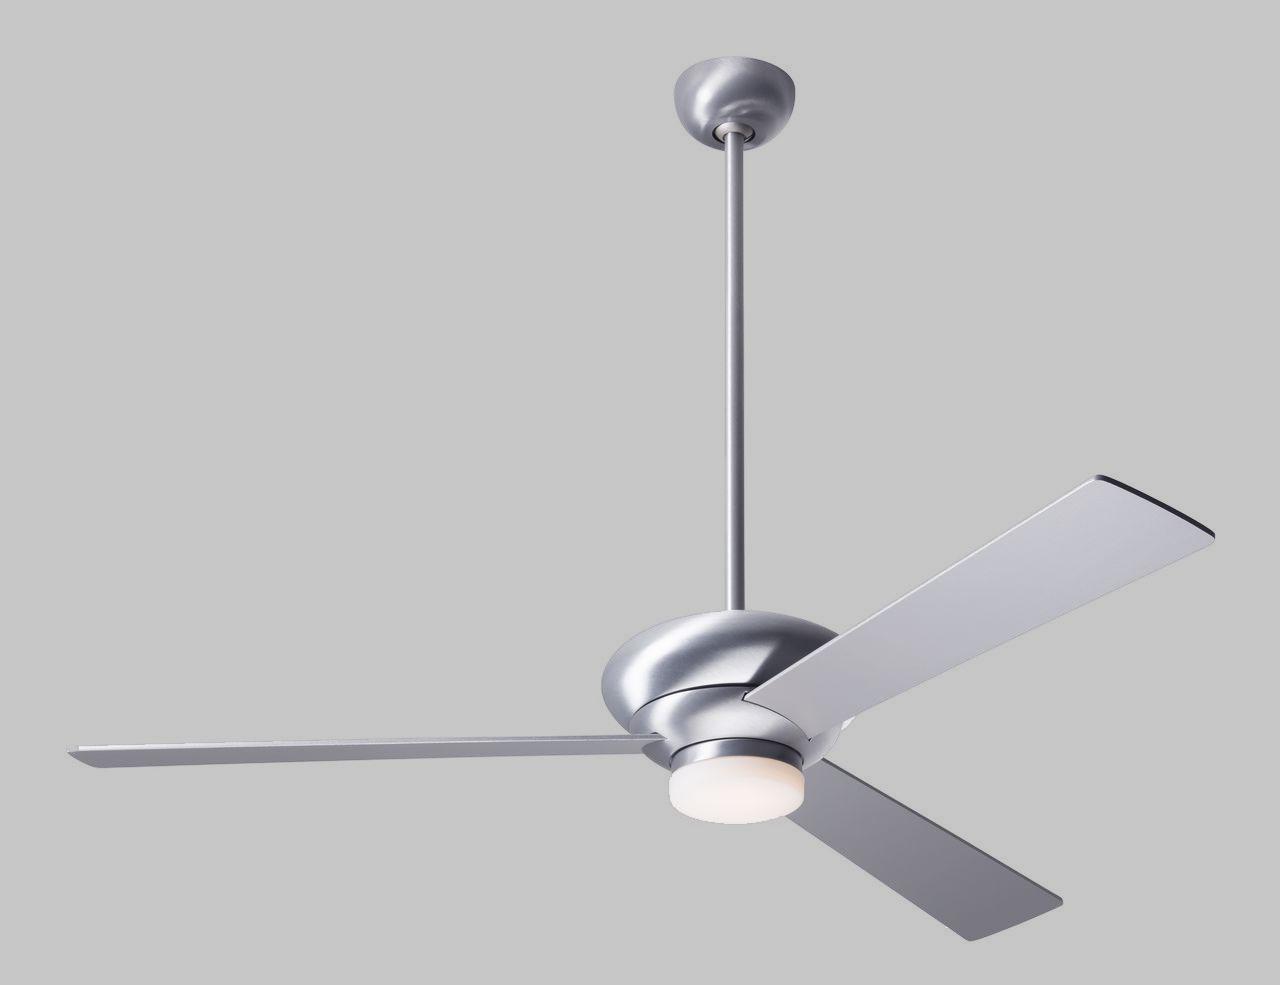 Ventilador de techo Altus - Aluminio cepillado y aspas aluminio con luz